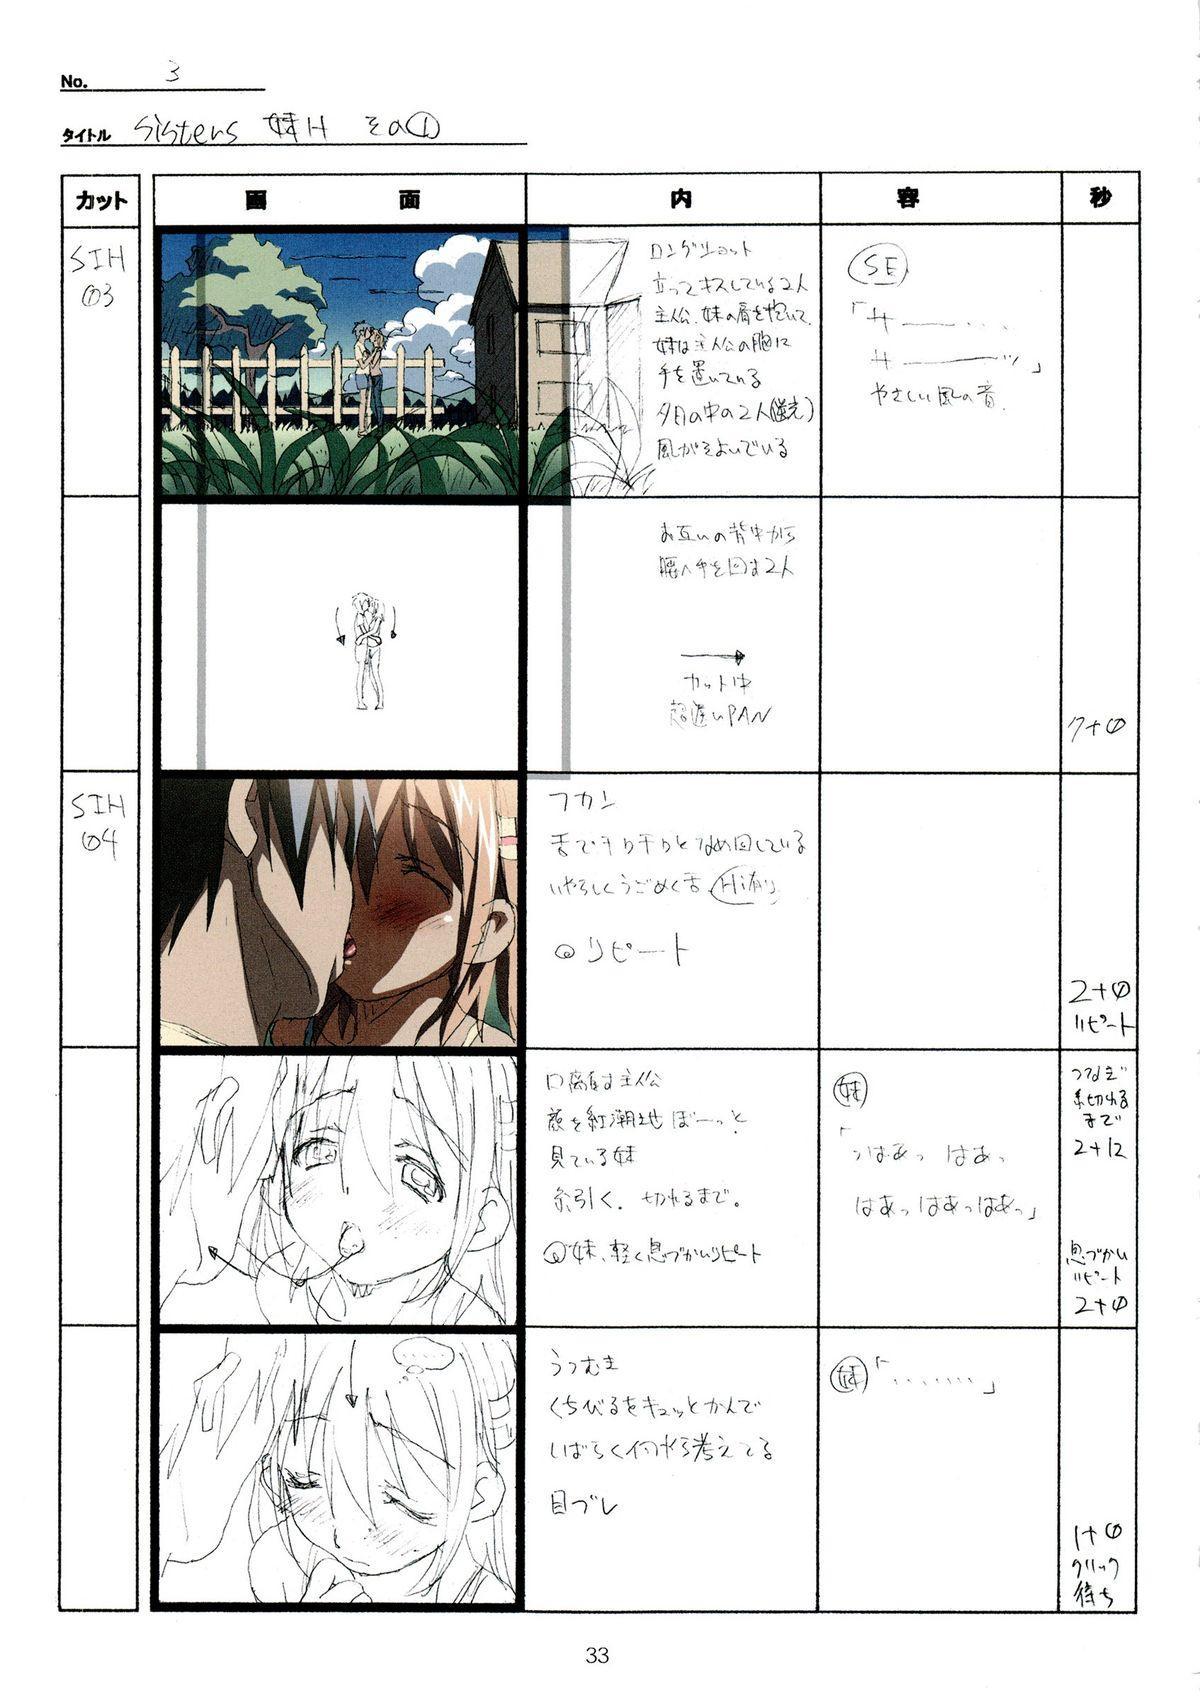 (C89) [Makino Jimusho (Taki Minashika)] SISTERS -Natsu no Saigo no Hi- H Scene All Part Storyboard (SISTERS -Natsu no Saigo no Hi-) 32